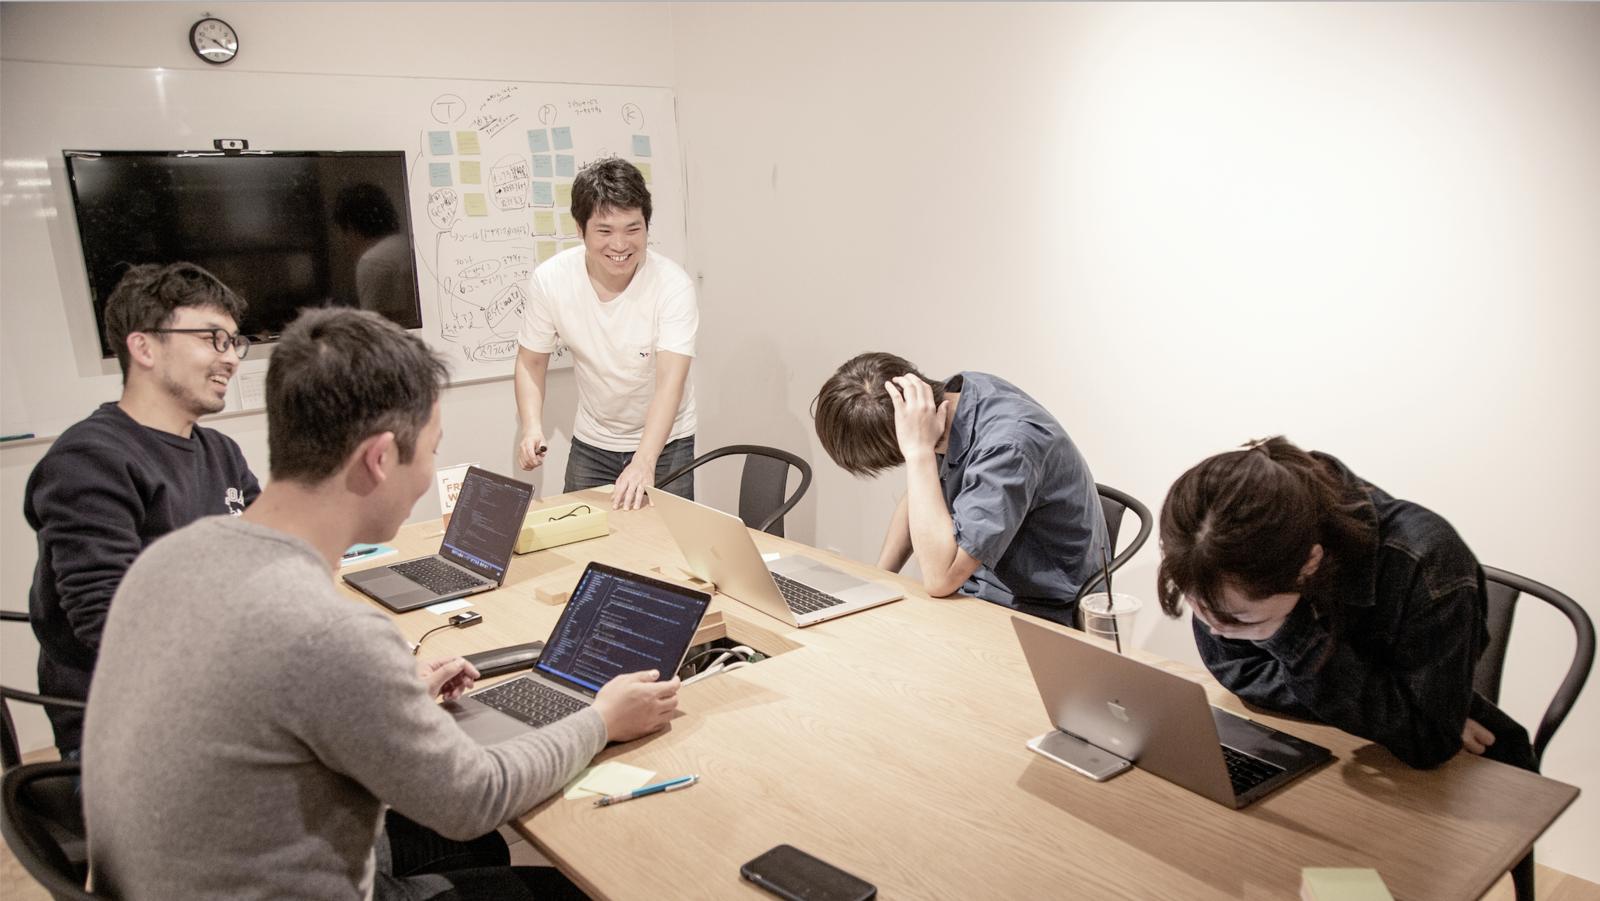 【日本を変えるSaaSプロダクト】技術で成長を牽引いただけるテックリードを募集!